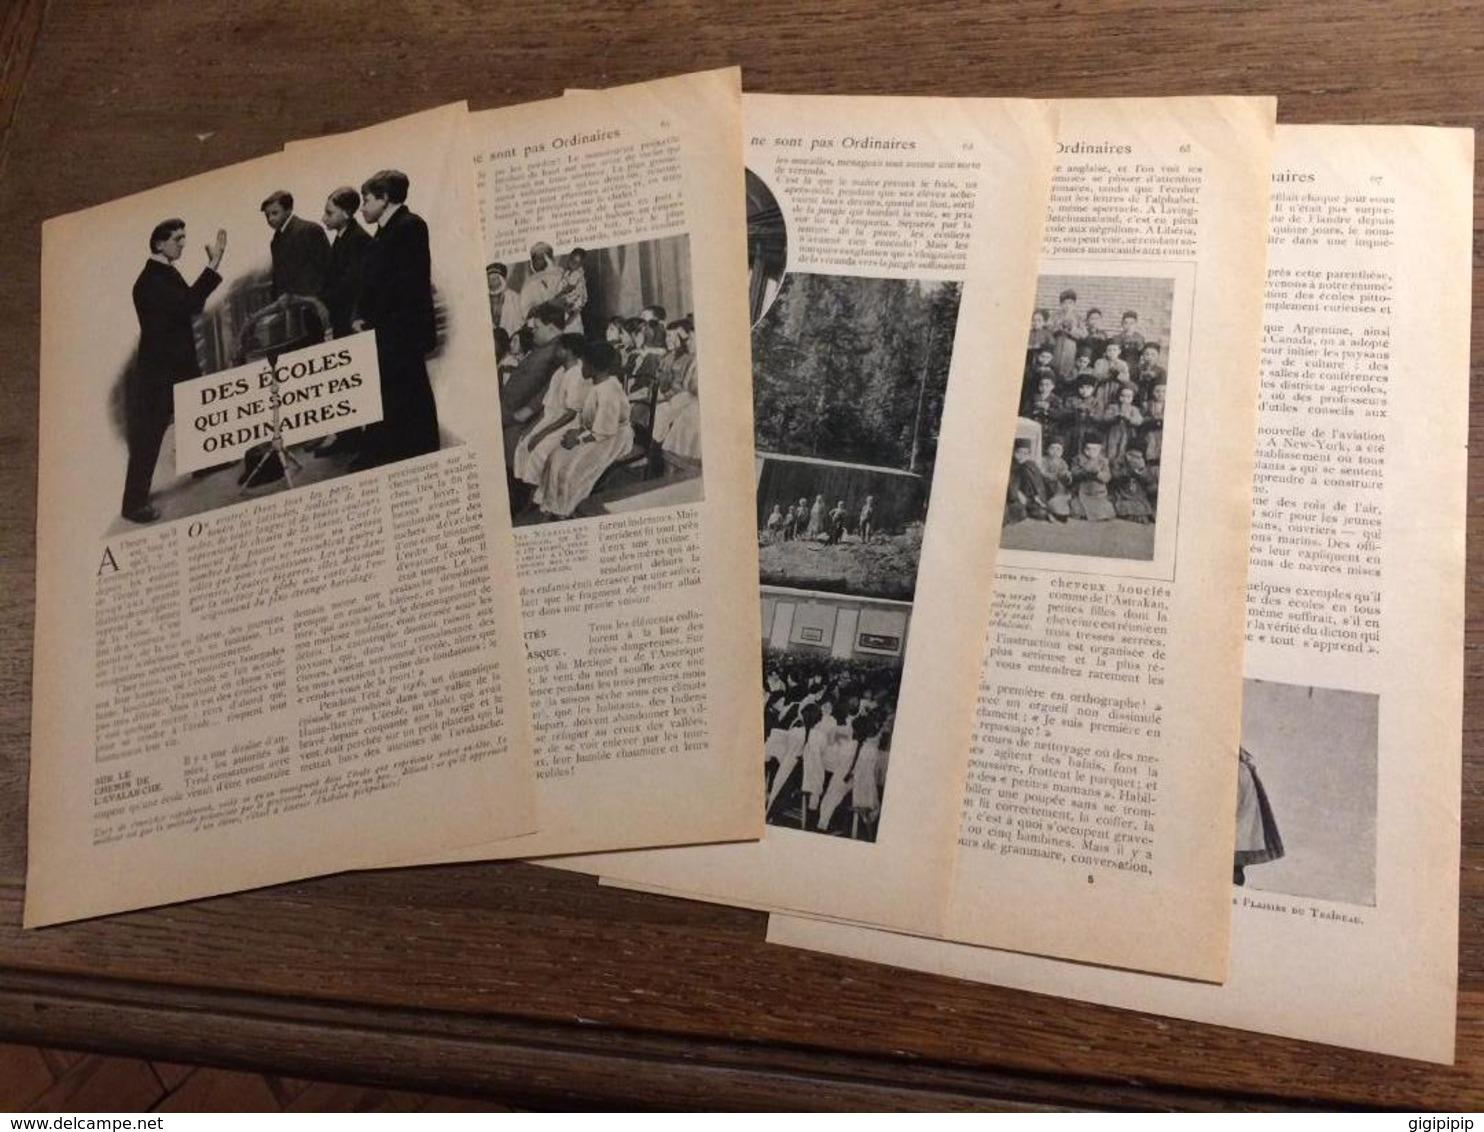 1909 DOCUMENT DES ECOLES QUI NE SONT PAS ORDINAIRES CONGO LIVINGSTONE BAVIERE - Vieux Papiers